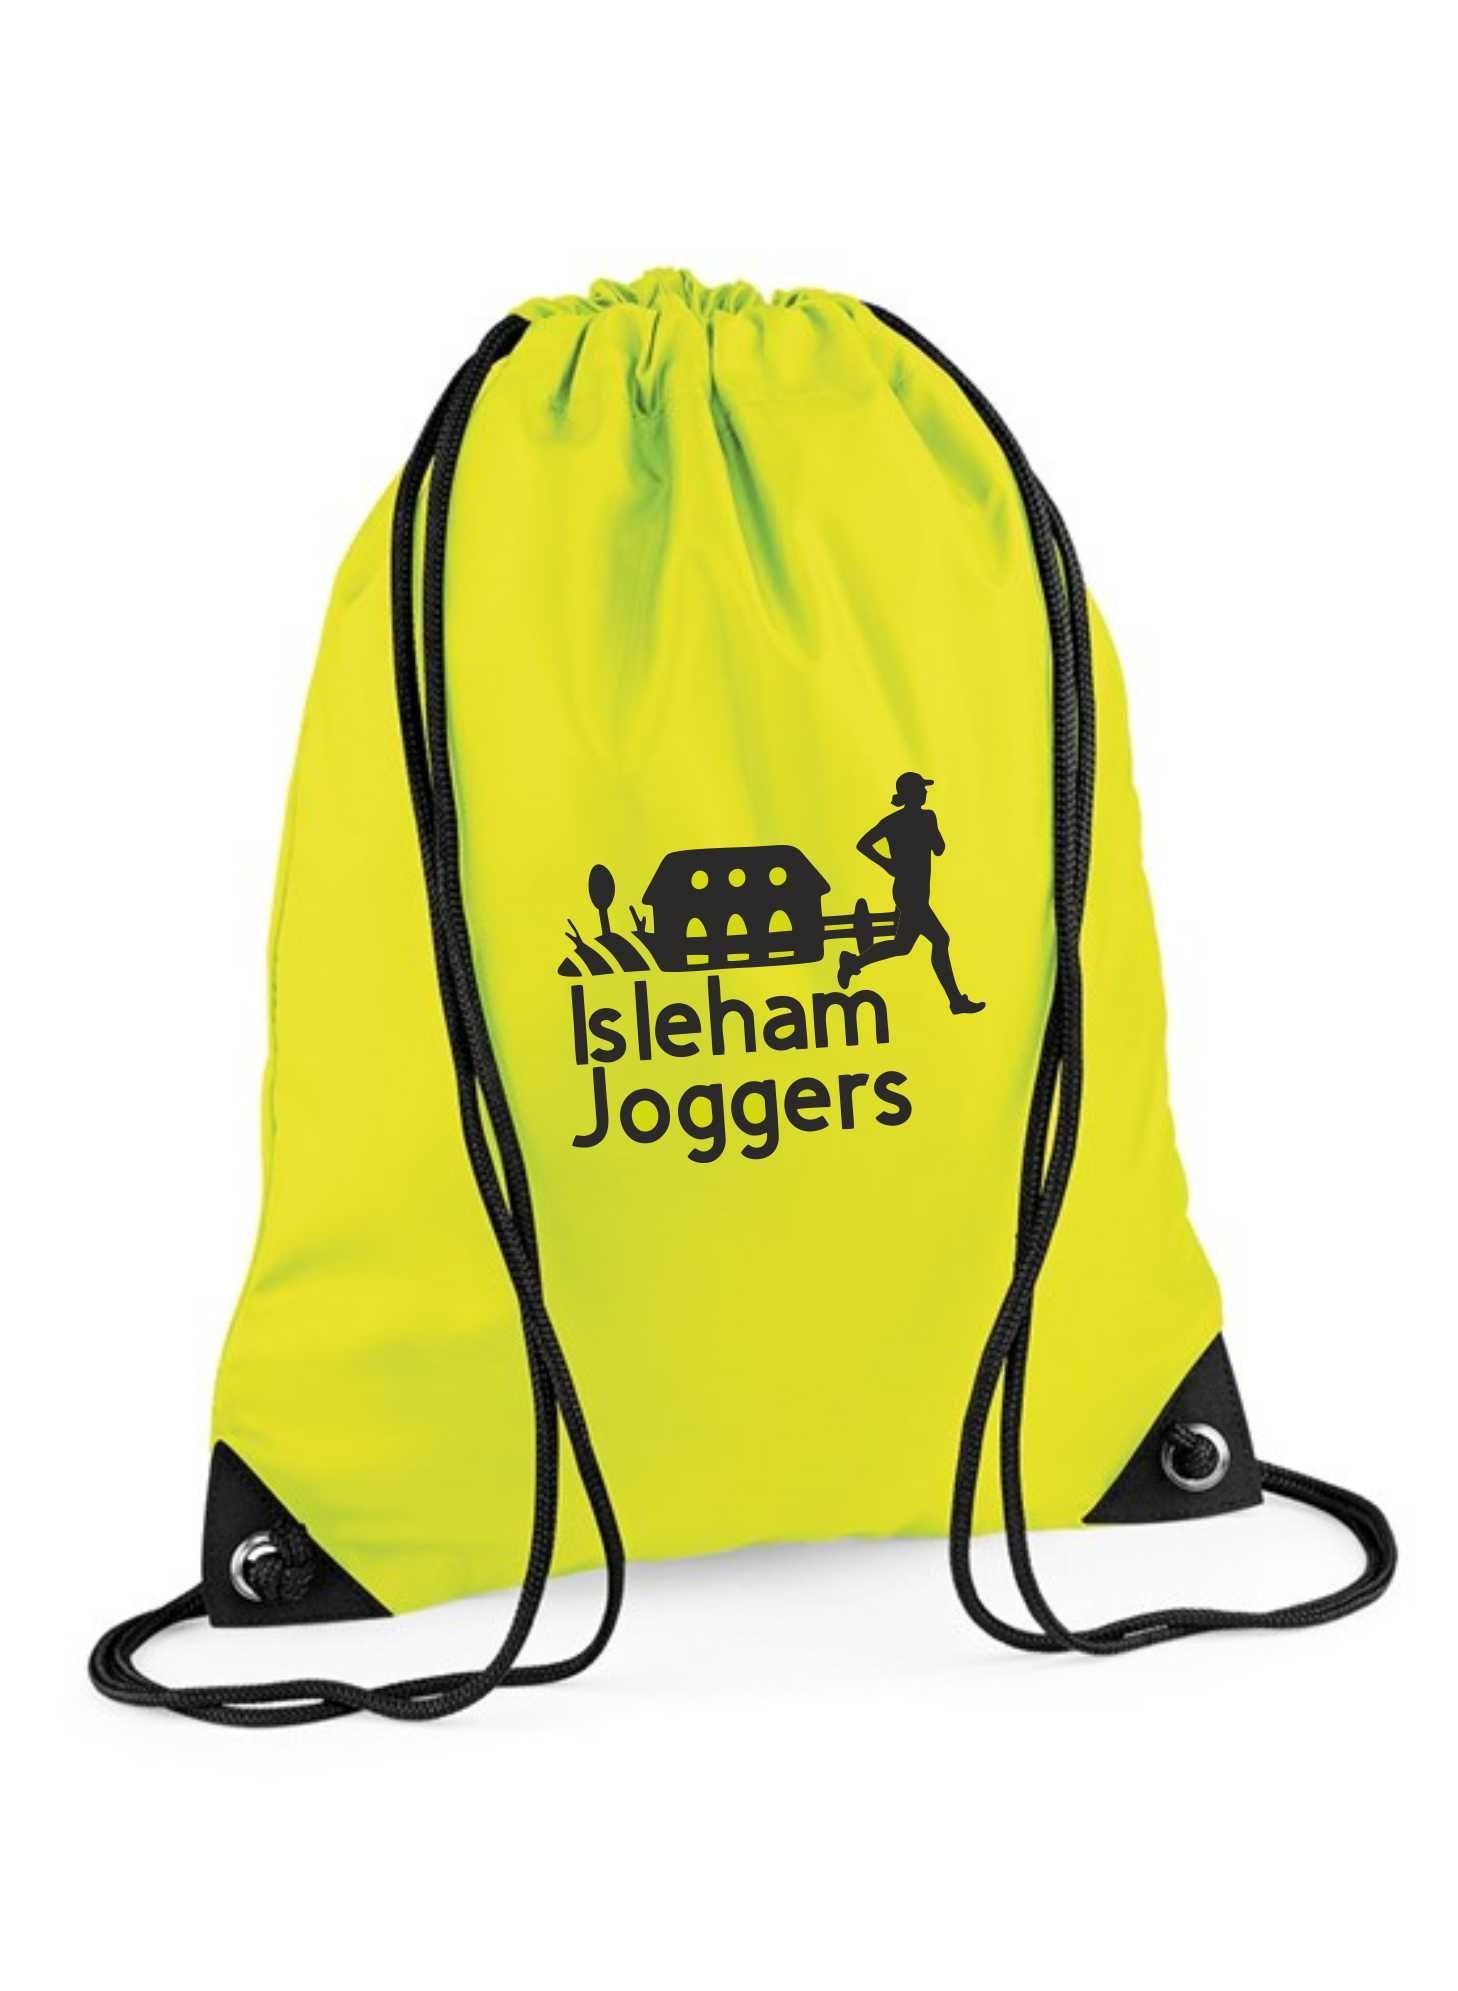 Isleham Joggers- Printed Bag